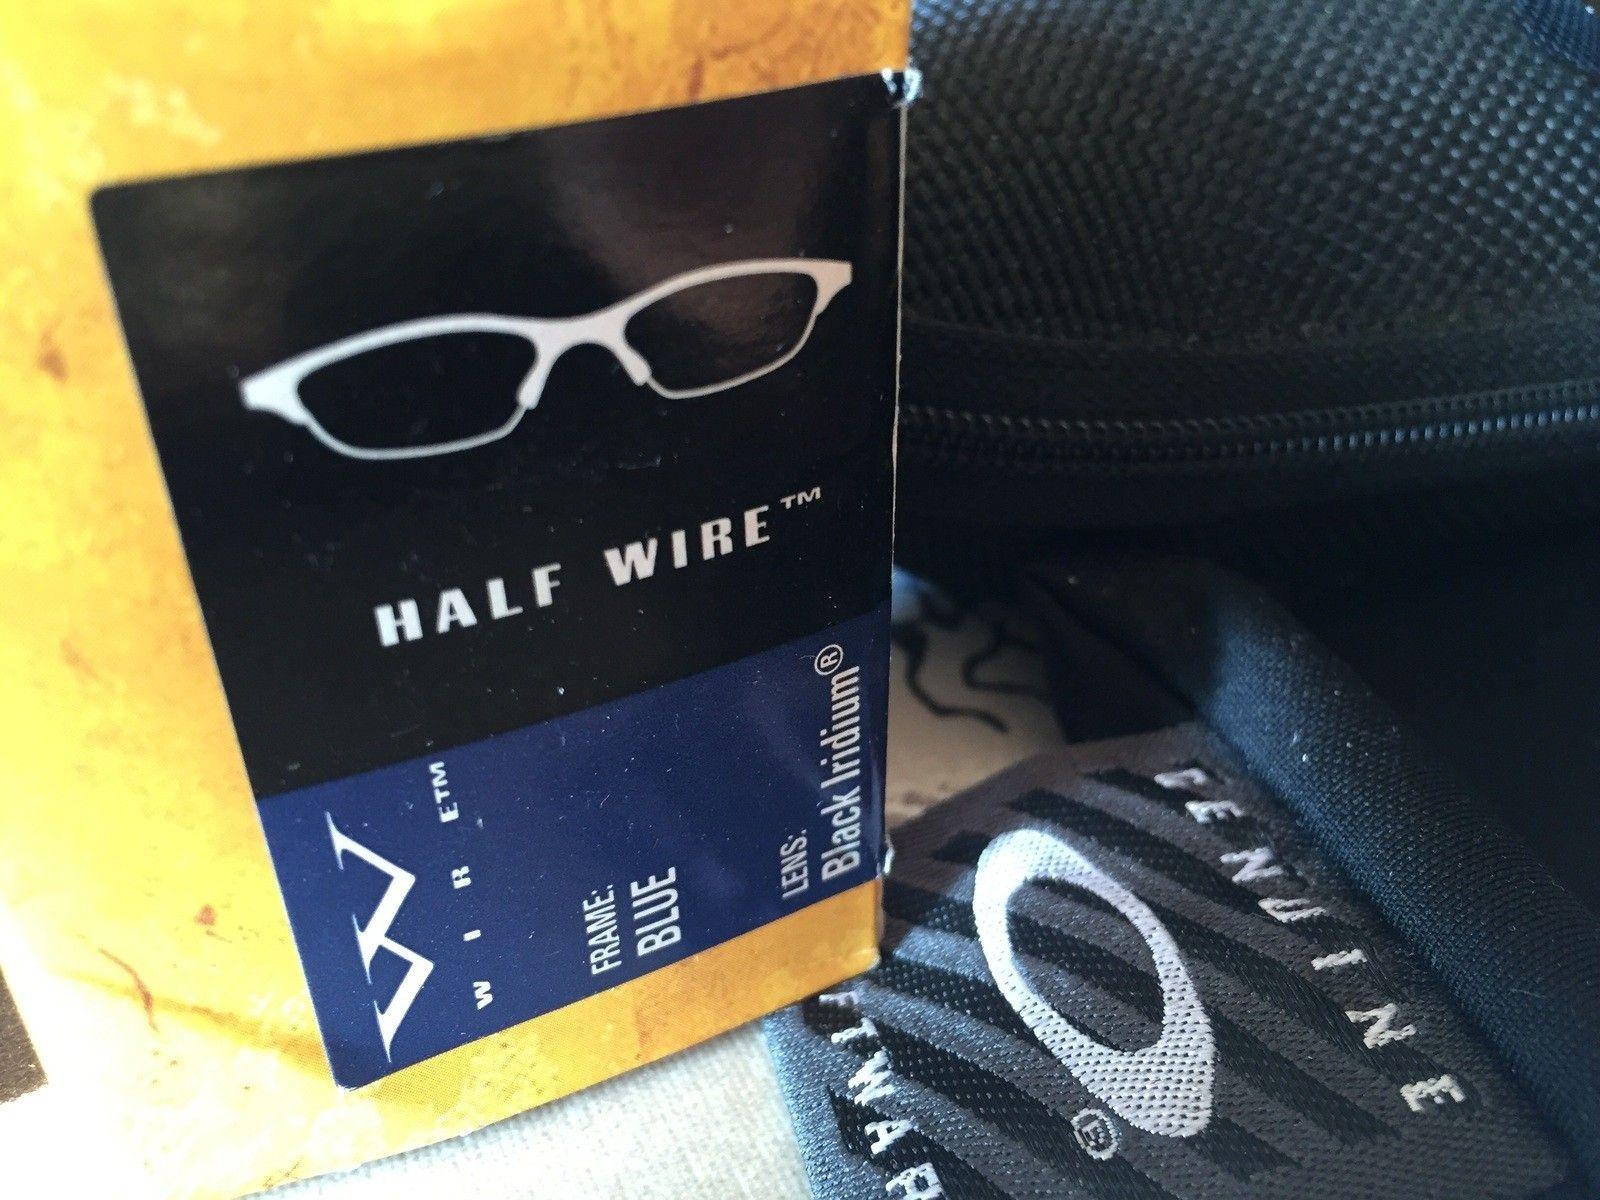 Oakley Half Wire Blue/Black, new - image.jpg